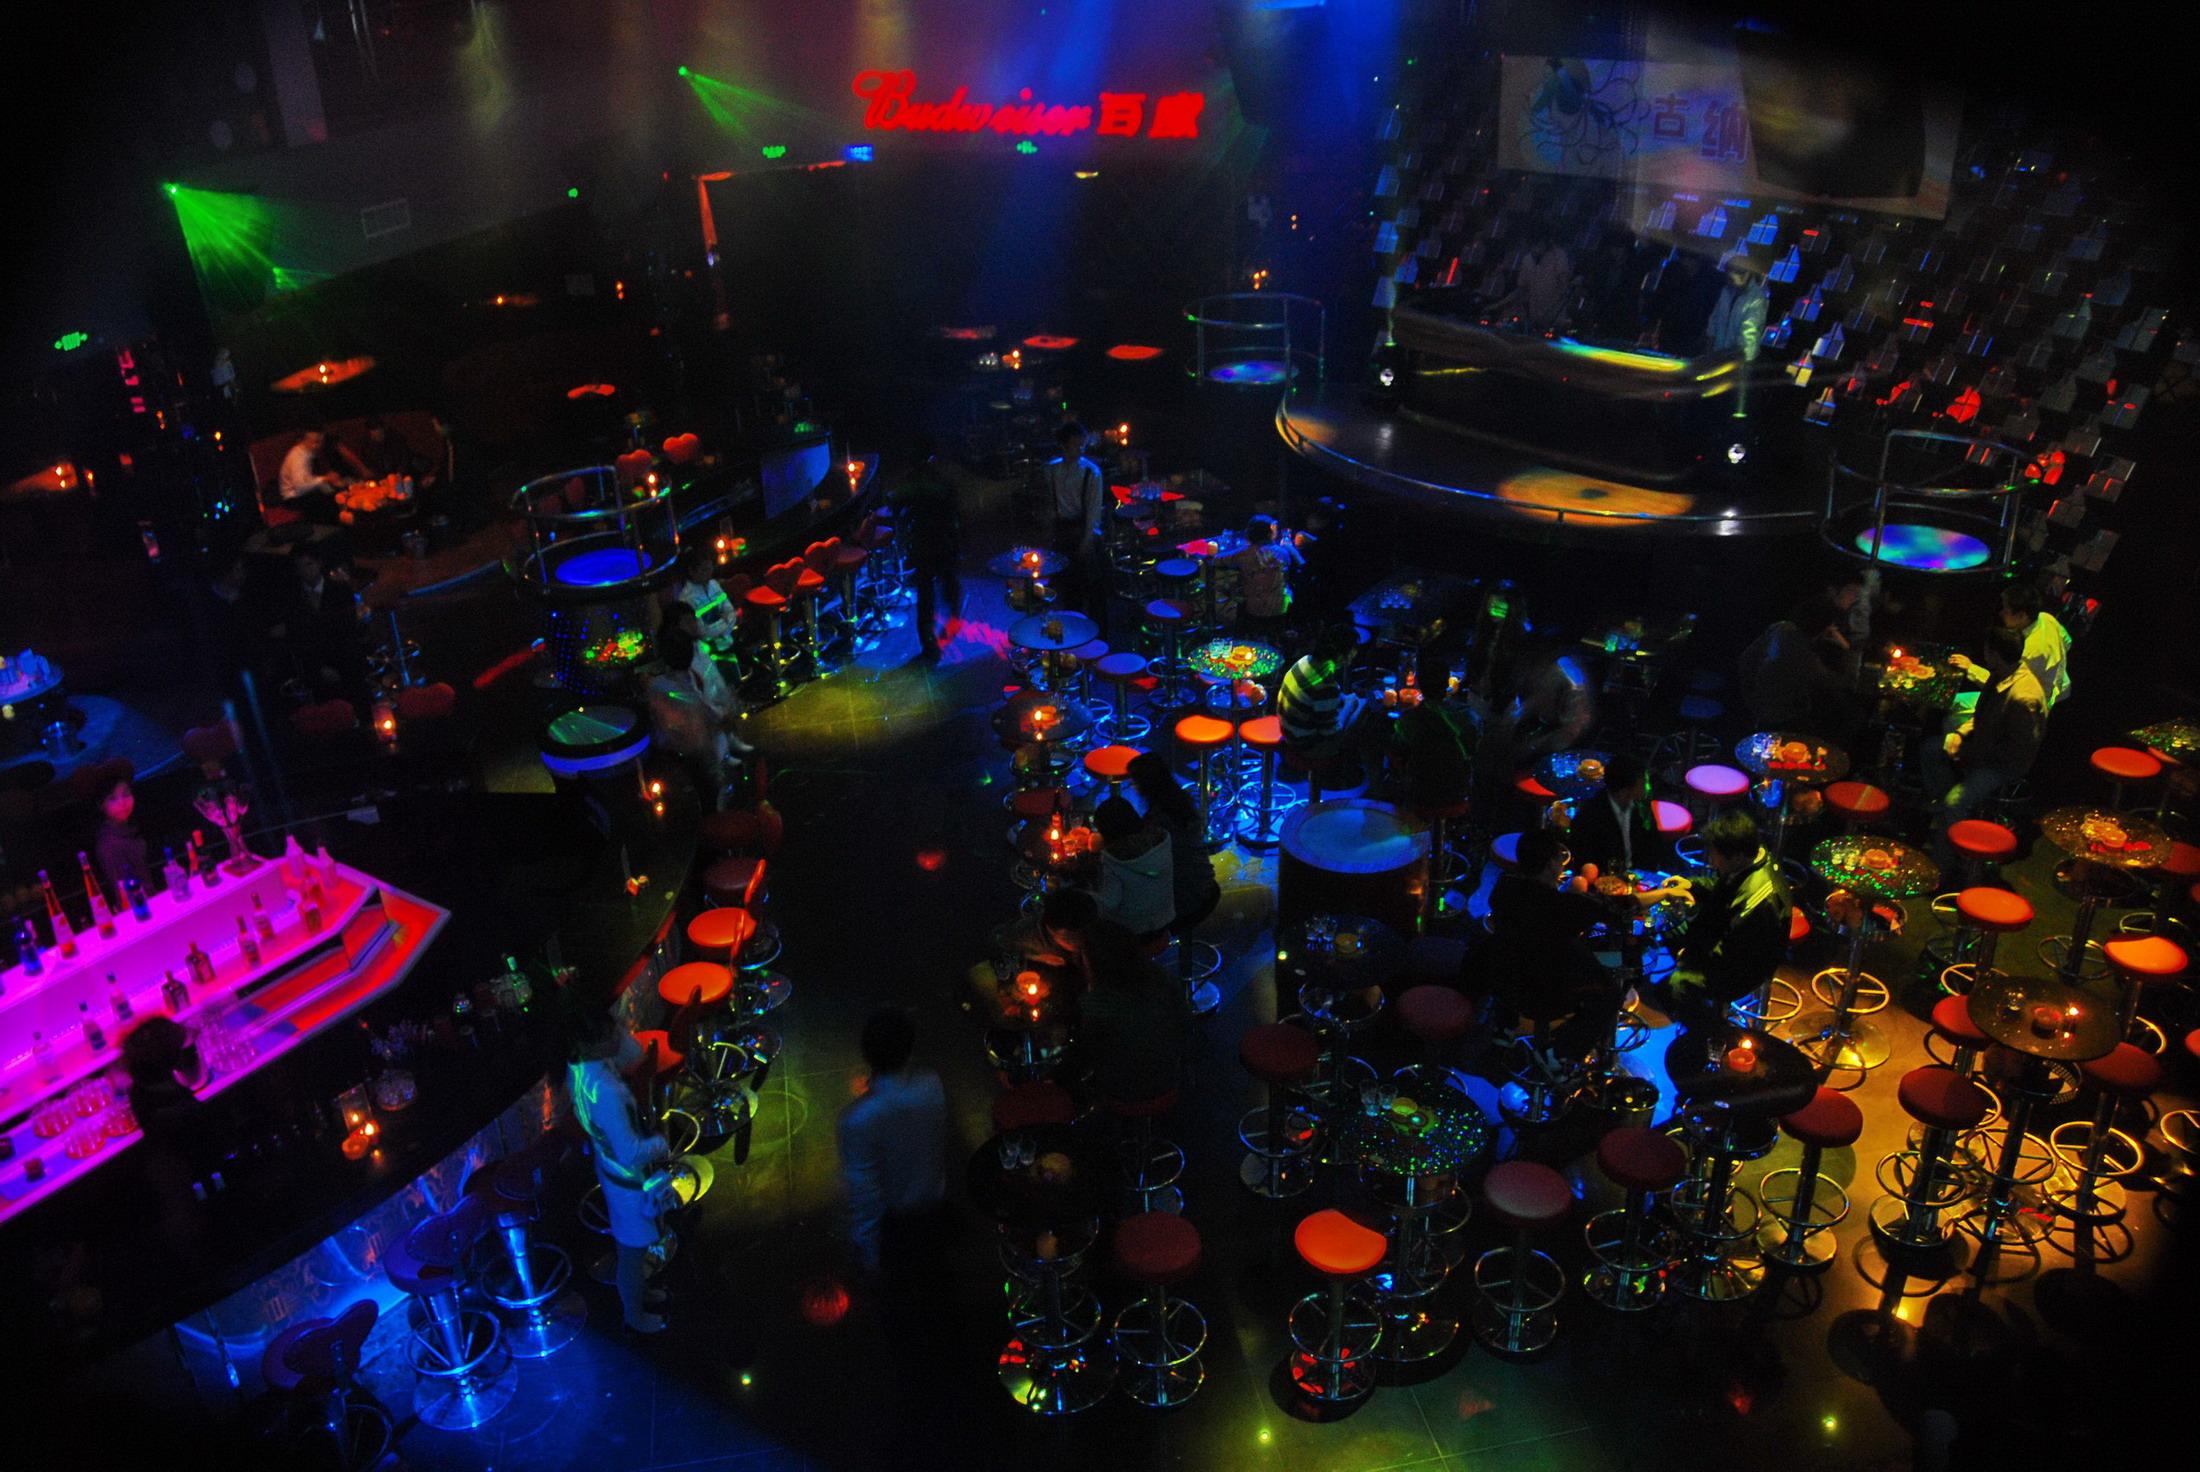 【酒吧摄影图片】广东省英德市其他摄影